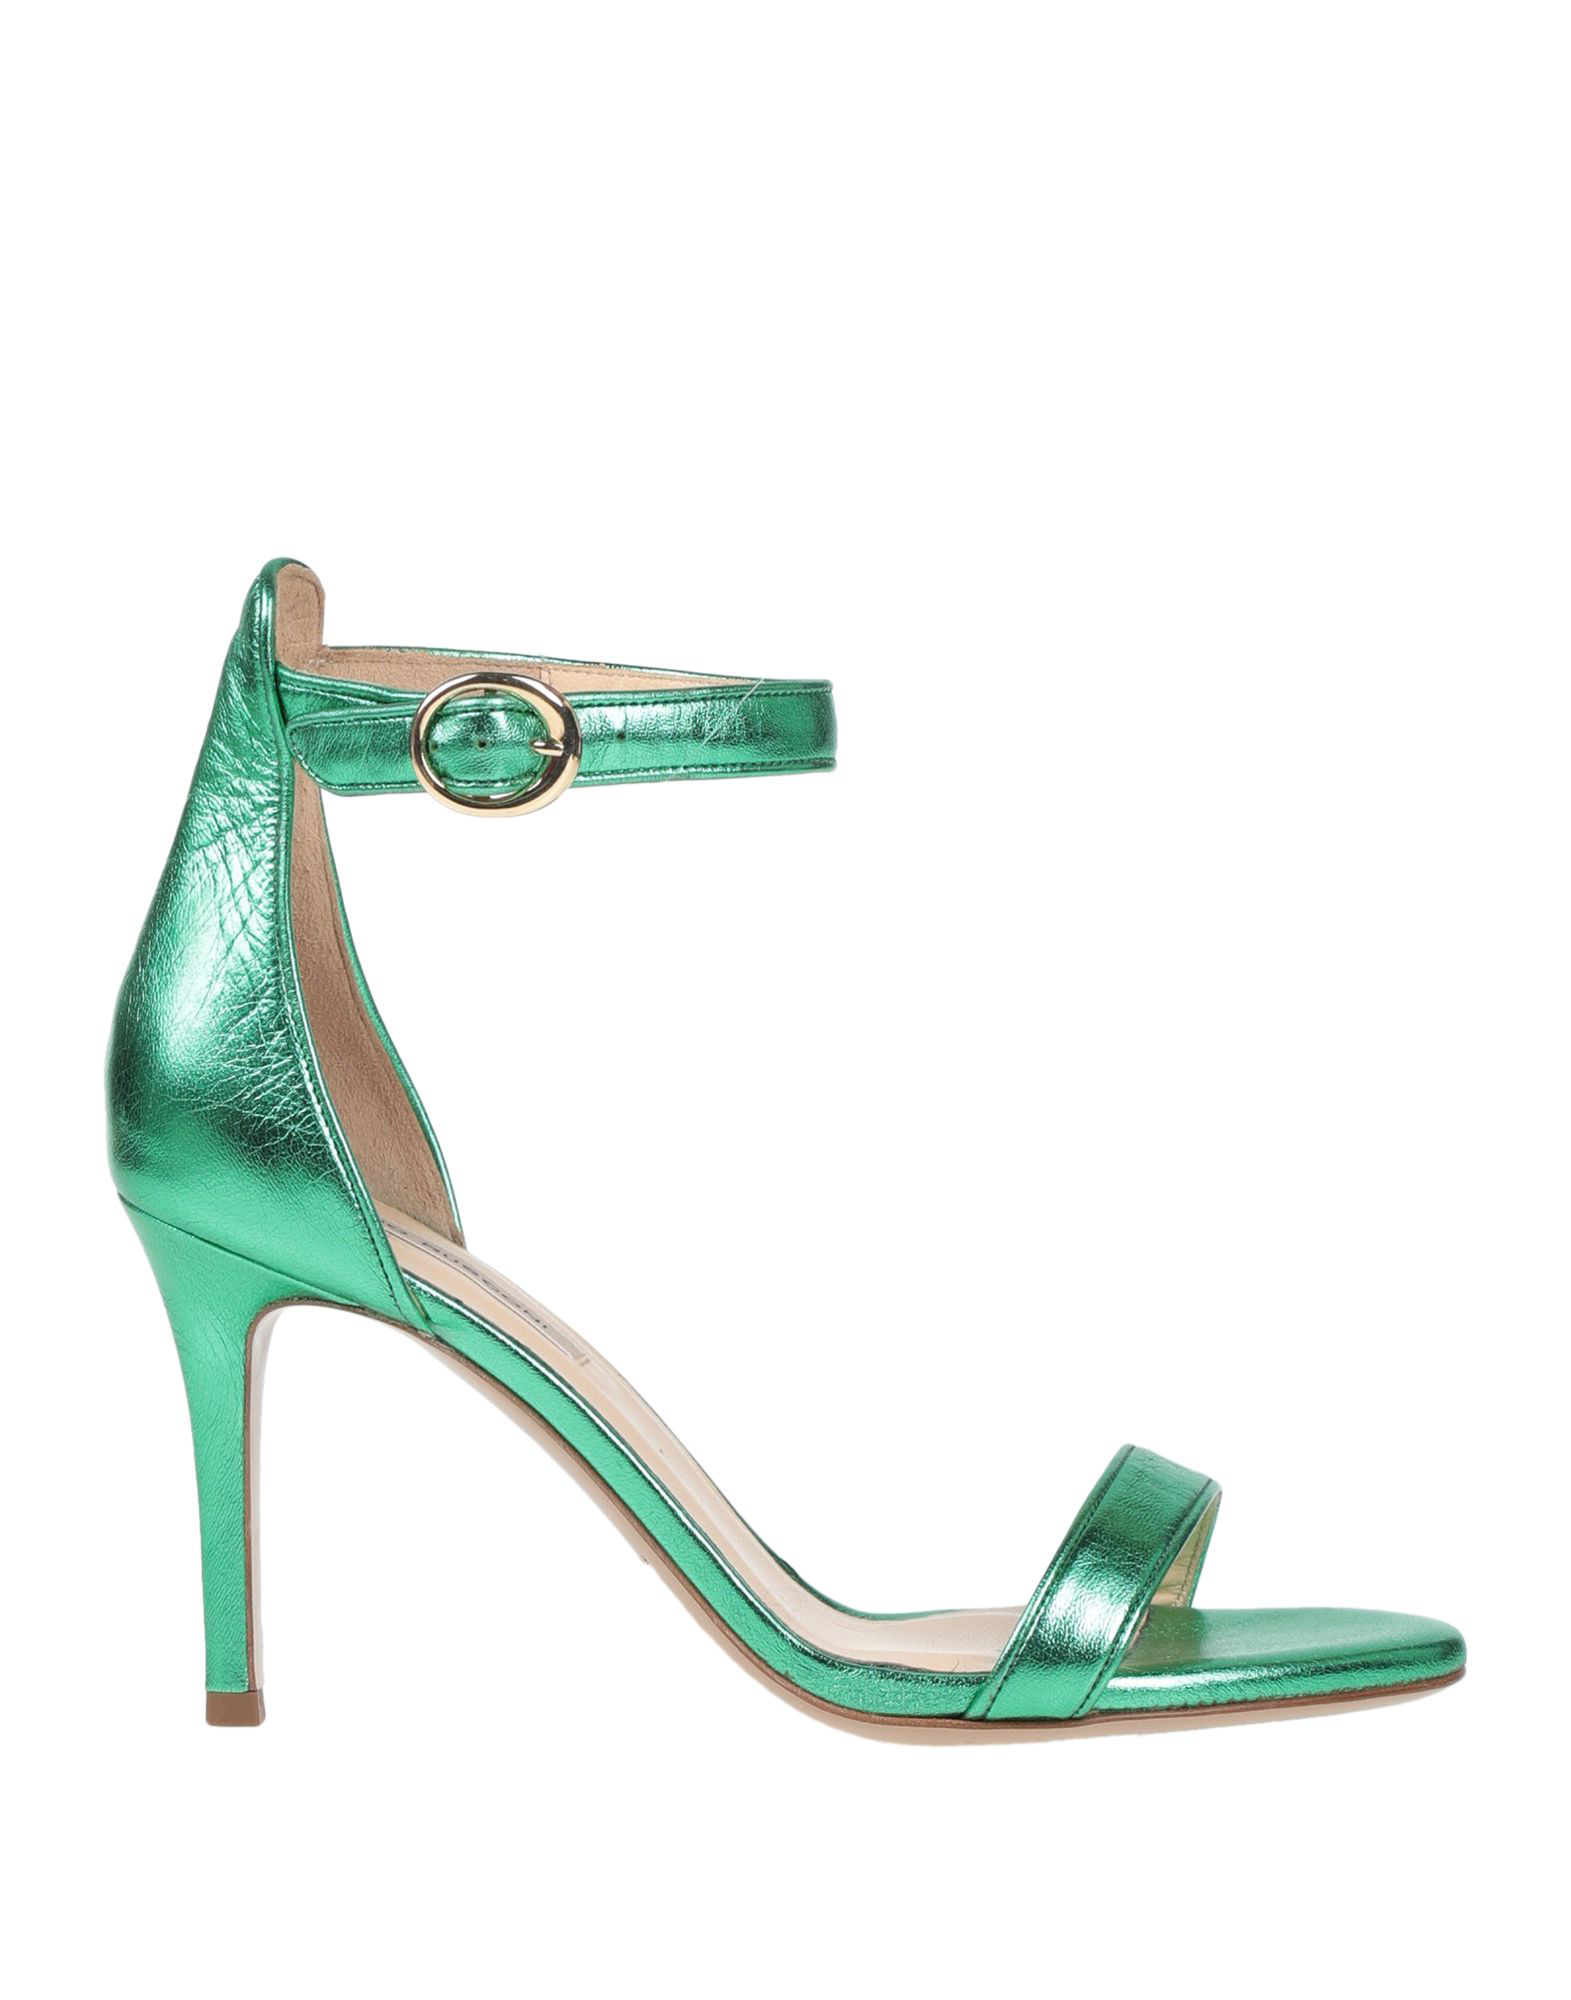 e7a344cef20c Fabio Rusconi Sandals In Emerald Green